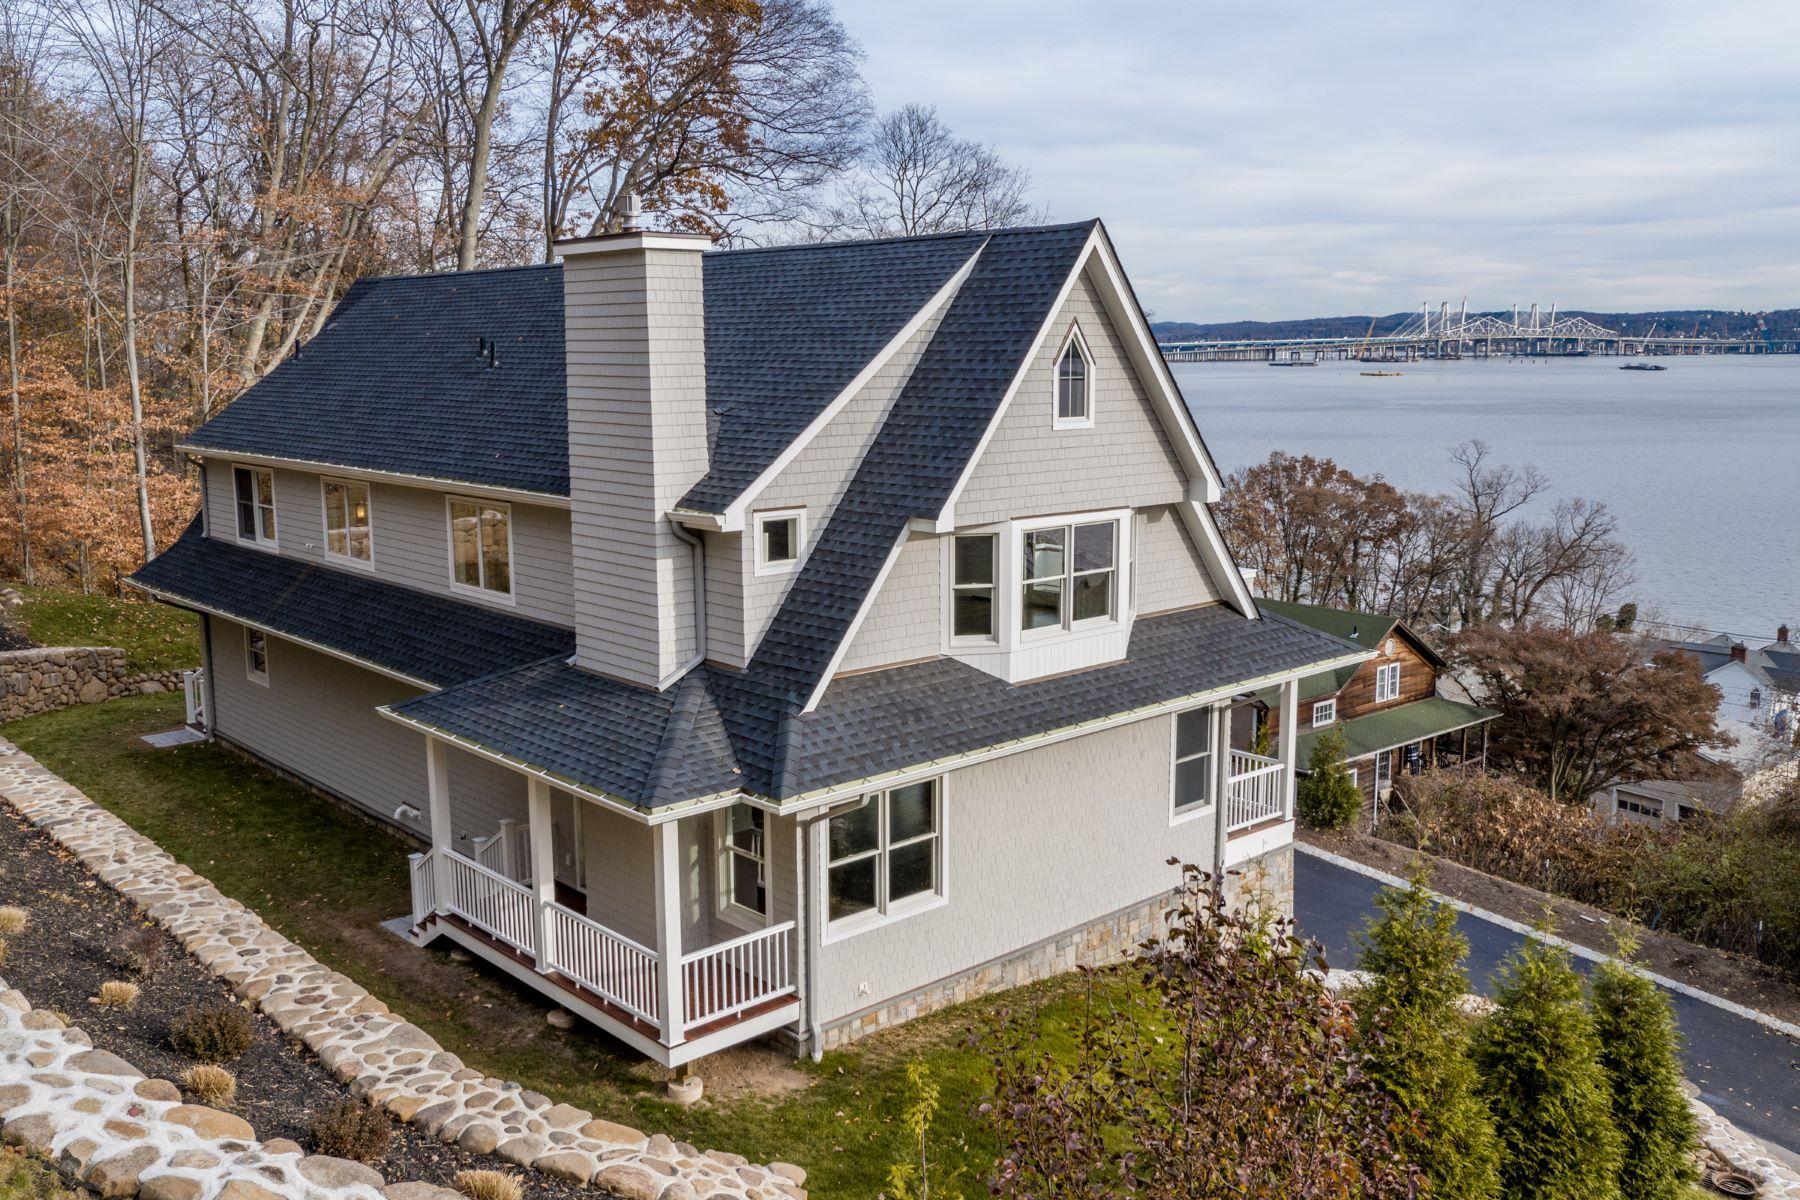 Casa Unifamiliar por un Venta en Panoramic Hudson River Views - New Custom Colonial 28 Stevenson Street Piermont, Nueva York 10968 Estados Unidos